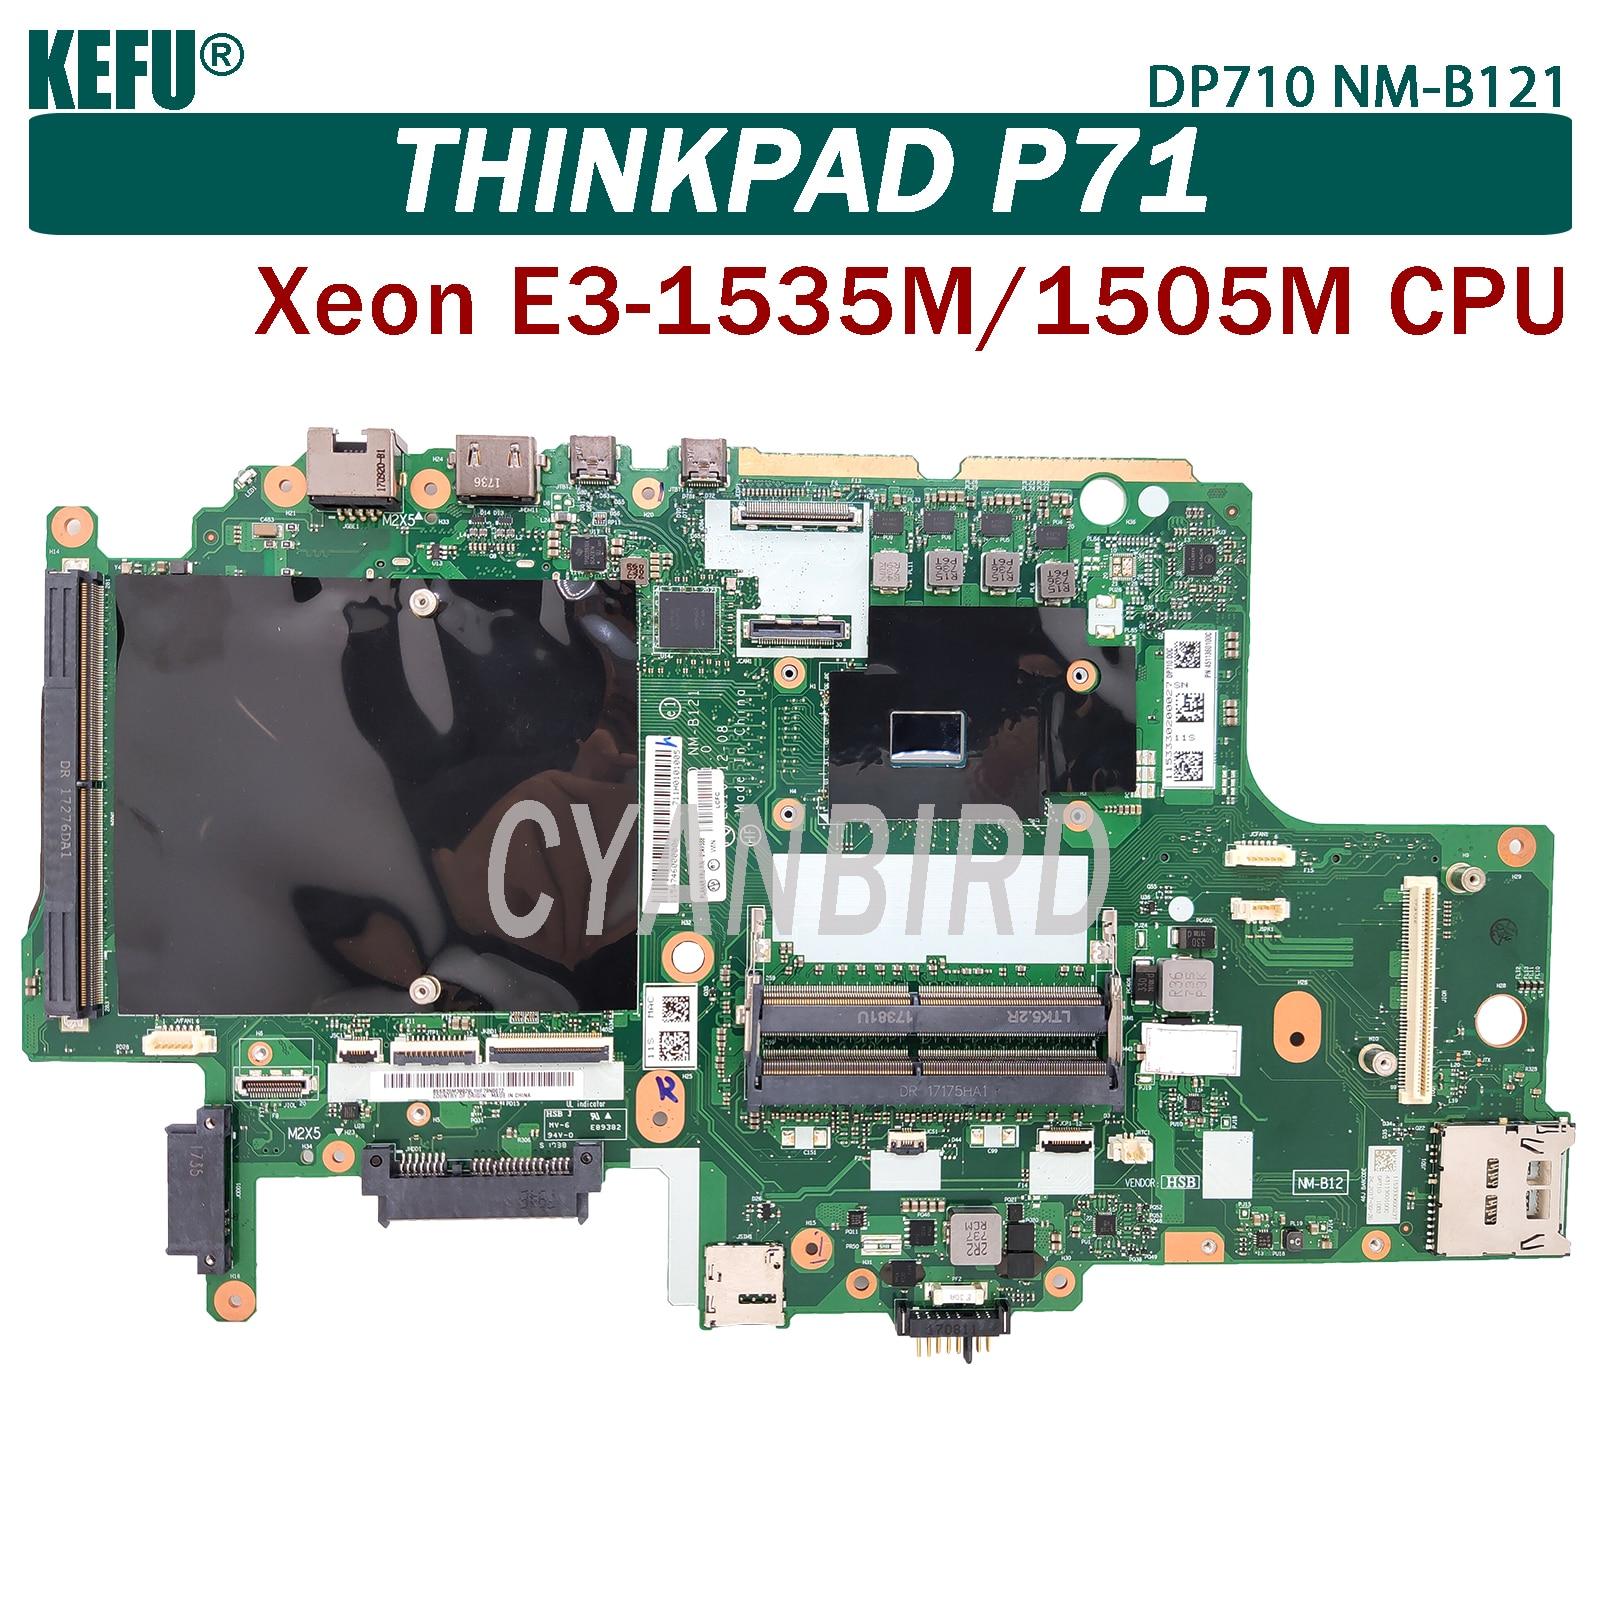 KEFU DP710 NM-B121 اللوحة الرئيسية الأصلية لينوفو ثينك باد P71 مع Xeon E3-1535M/1505 متر وحدة المعالجة المركزية اللوحة الأم للكمبيوتر المحمول